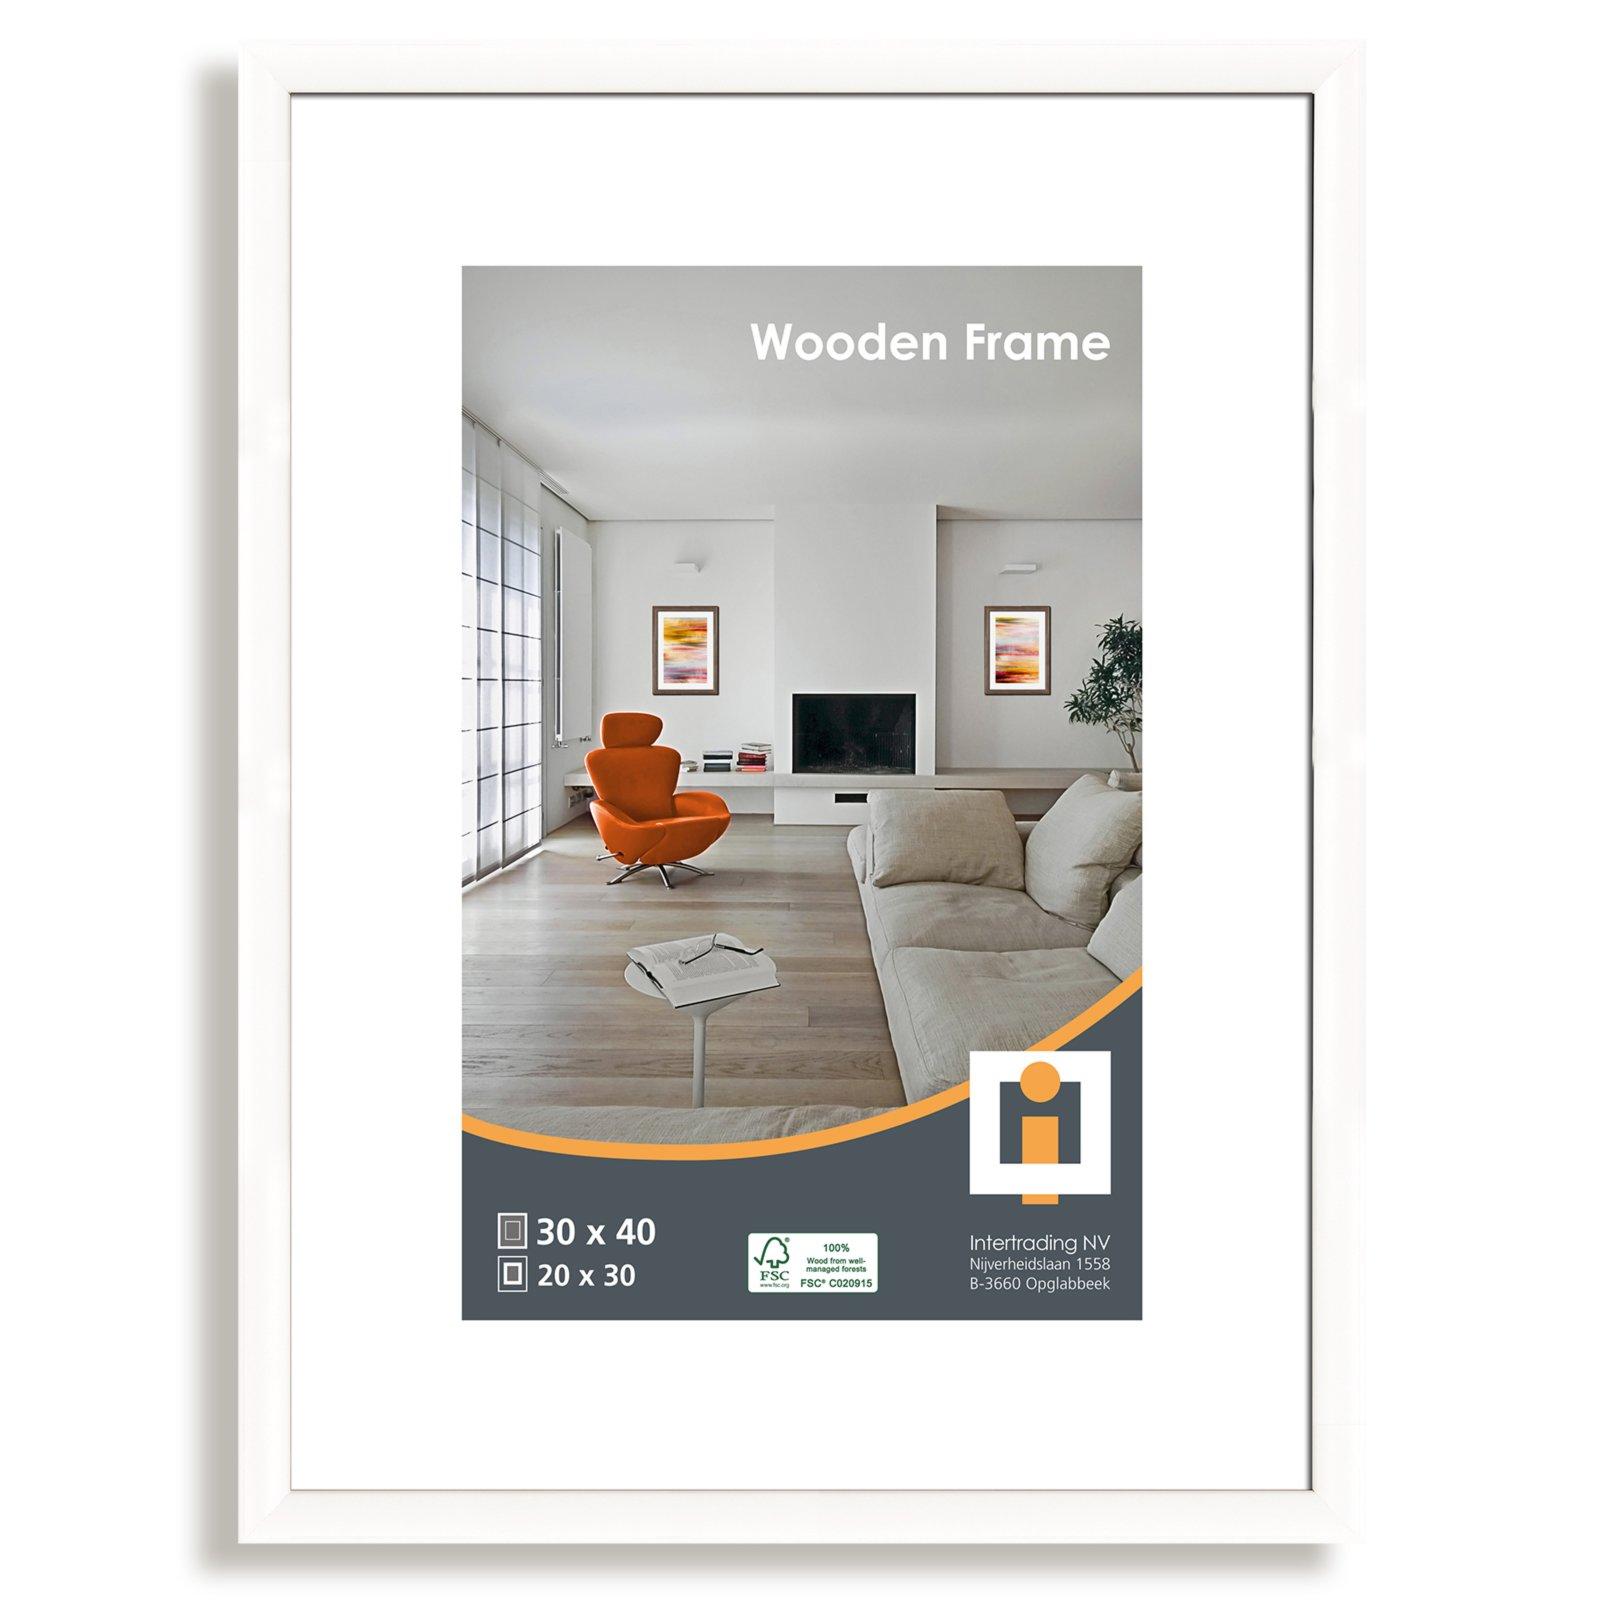 bilderrahmen nizza wei 30x40 cm bilderrahmen dekoration deko haushalt roller. Black Bedroom Furniture Sets. Home Design Ideas